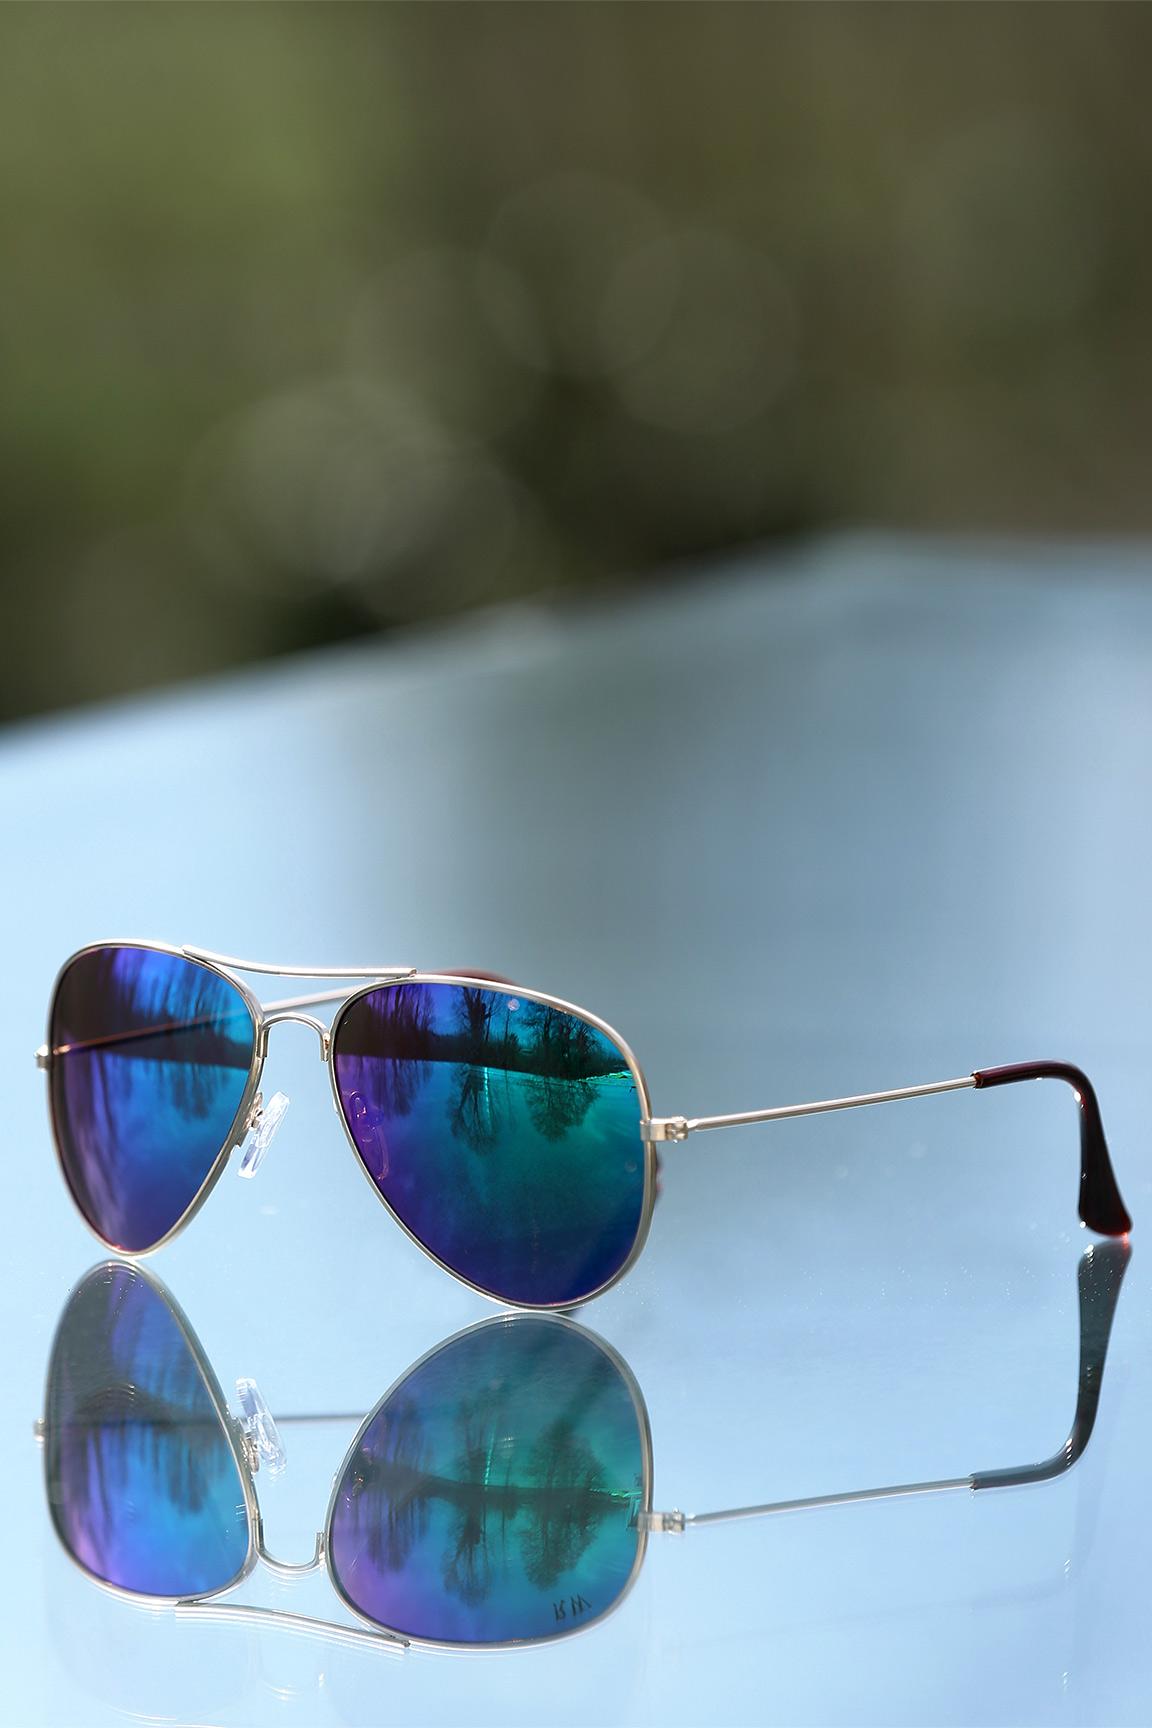 كولكشن نظارات شمسية نسائية روعة 2017 ، نظارات شمسية جميلة للبنات 2017